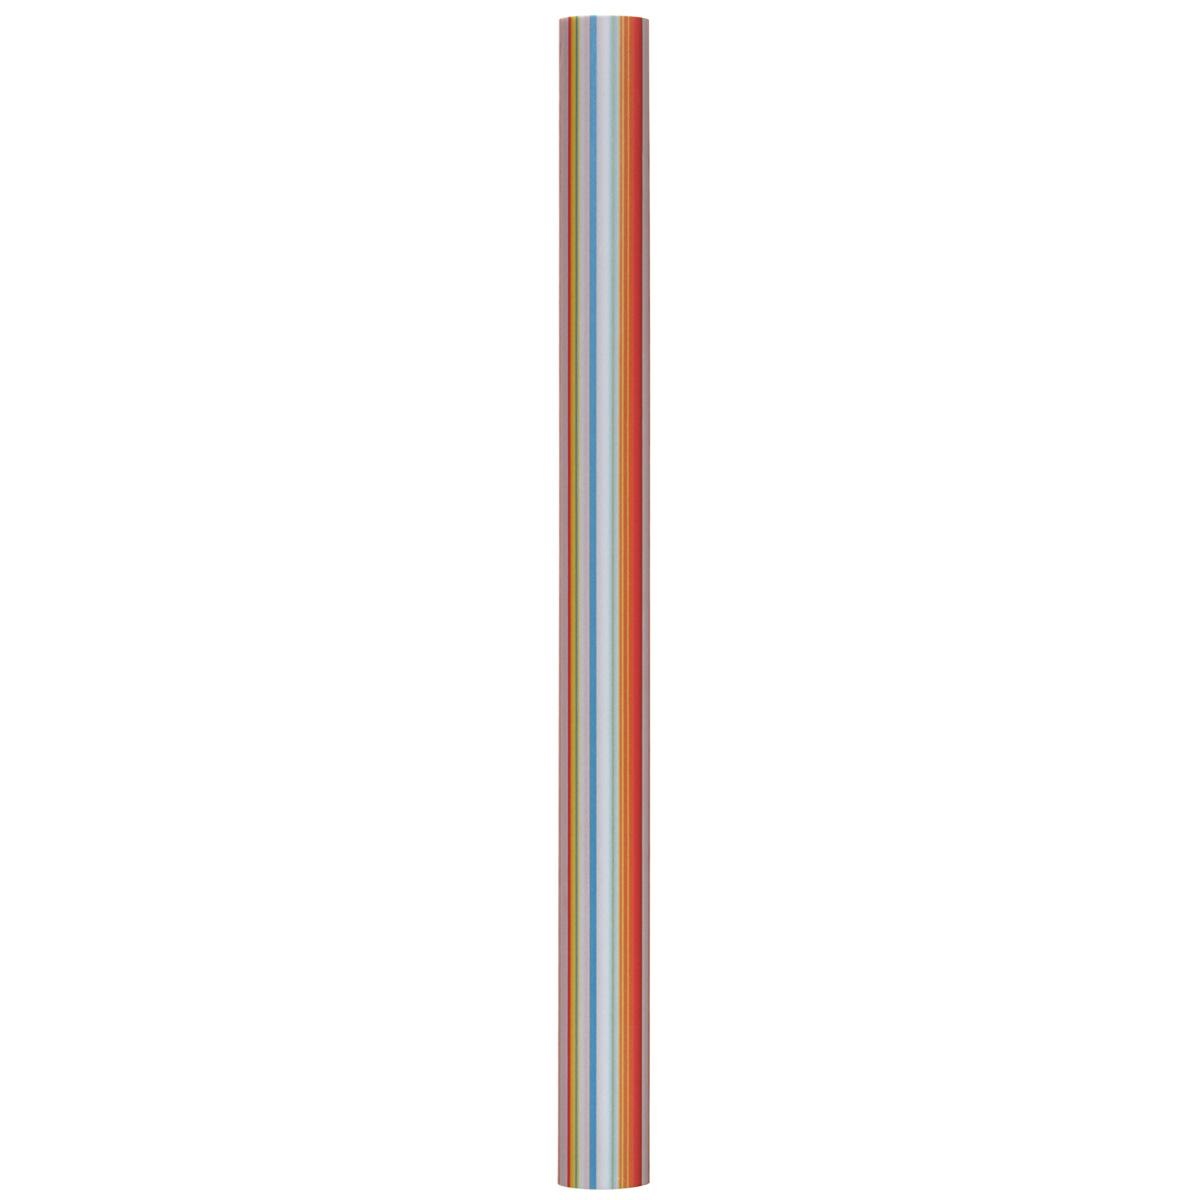 Транспарентная бумага Folia Яркие полосы, 50,5 x 70 смC0042416Транспарентная бумага Folia Яркие полосы - полупрозрачная бумага с оригинальным дизайном в виде разноцветных полос. Используется для изготовления открыток, для скрапбукинга и других декоративных или дизайнерских работ. Бумага прекрасно держит форму, не пачкает руки, отлично крепится. Конструирование из транспарентной бумаги - необходимый для развития детей процесс. Во время занятия аппликацией ребенок сумеет разработать четкость движений, ловкость пальцев, аккуратность и внимательность. Кроме того, транспарентная бумага позволит разнообразить идеи ребенка при создании творческих работ.